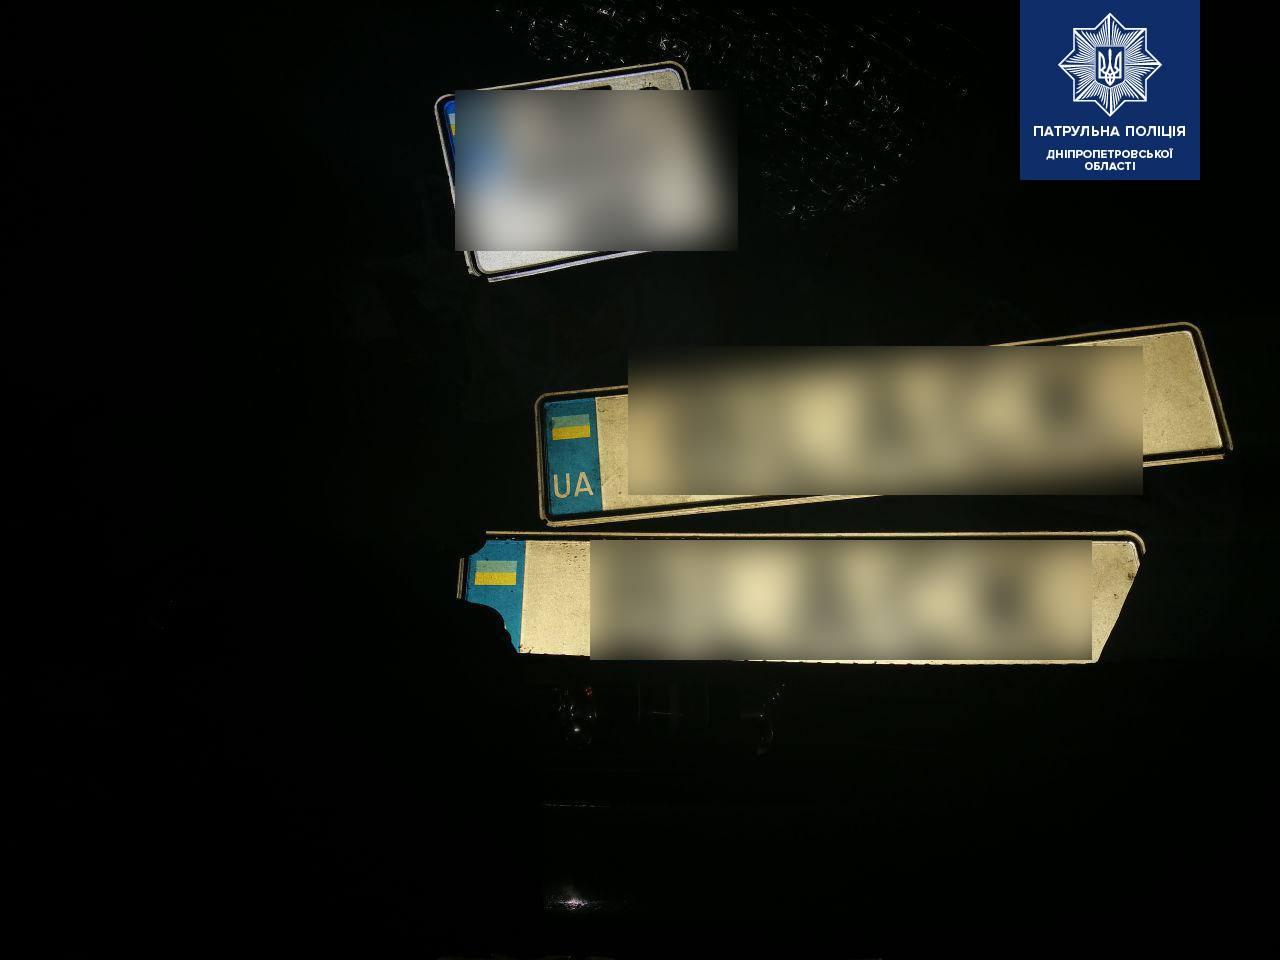 В Днепре полиция задержала вероятных преступников в розыске. Новости Днепра